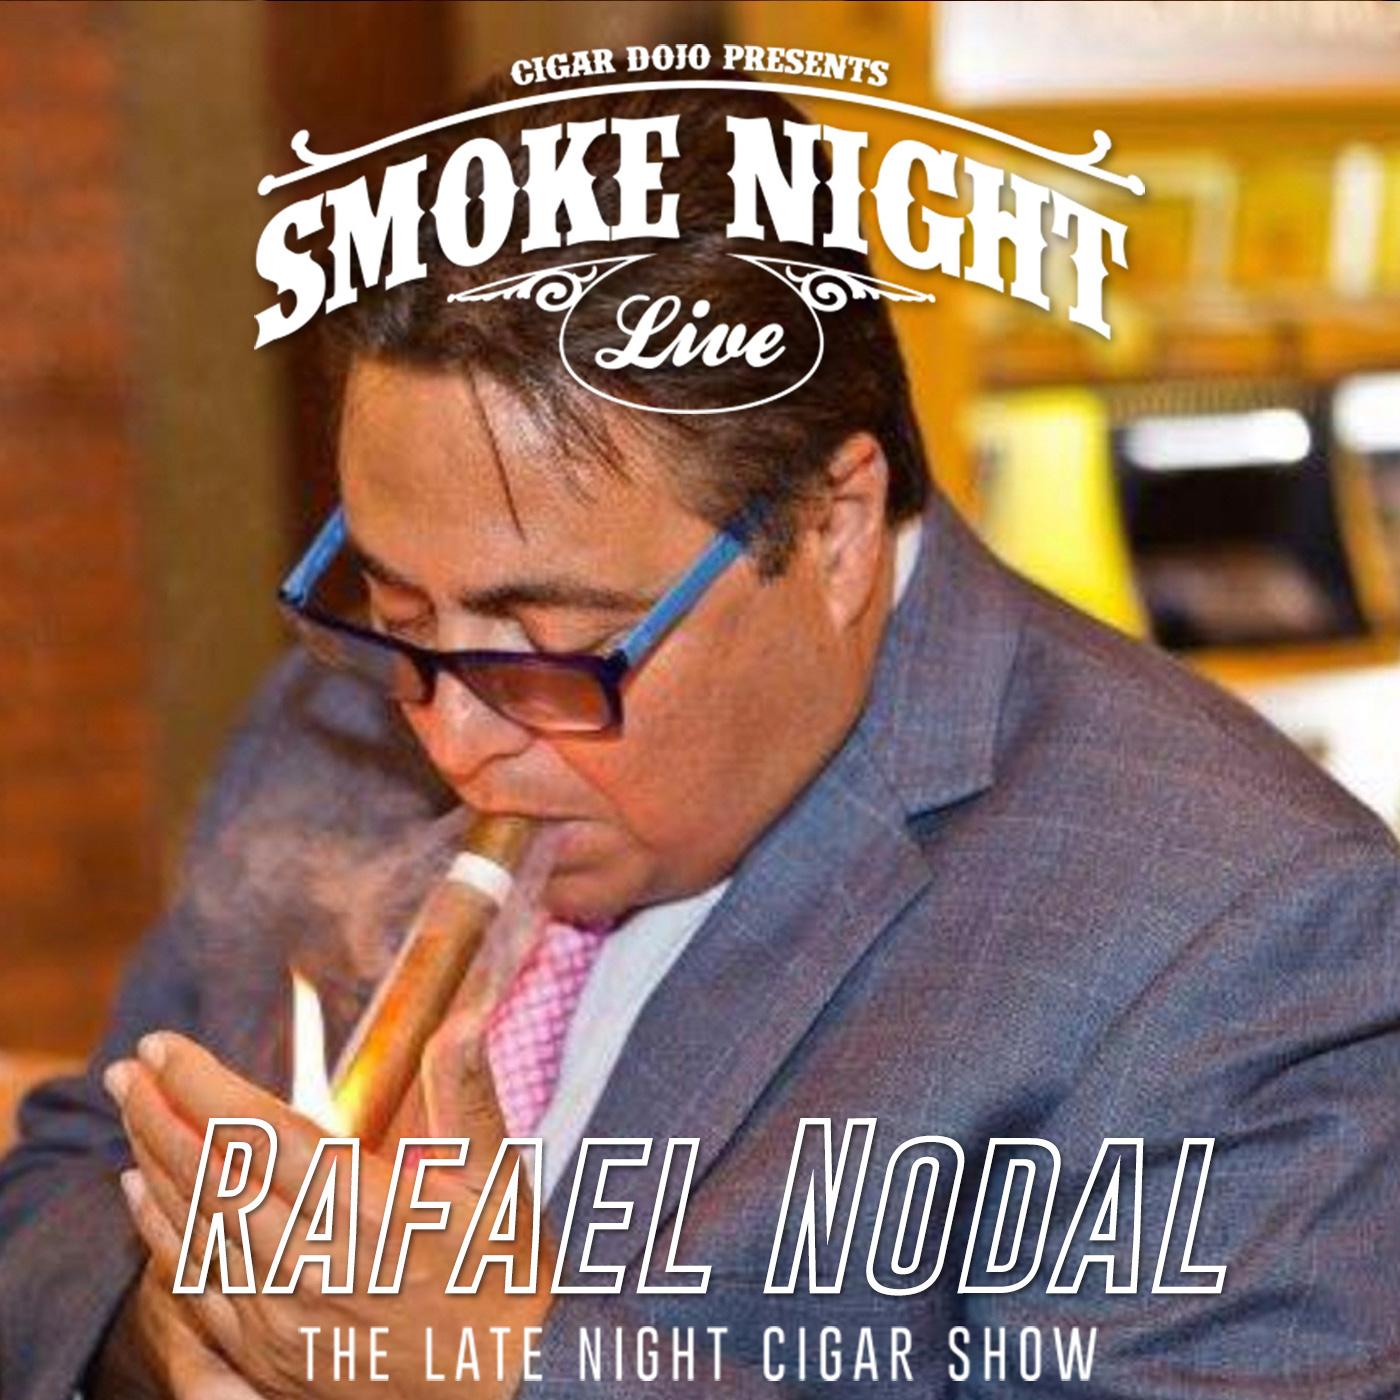 Rafael Nodal interview